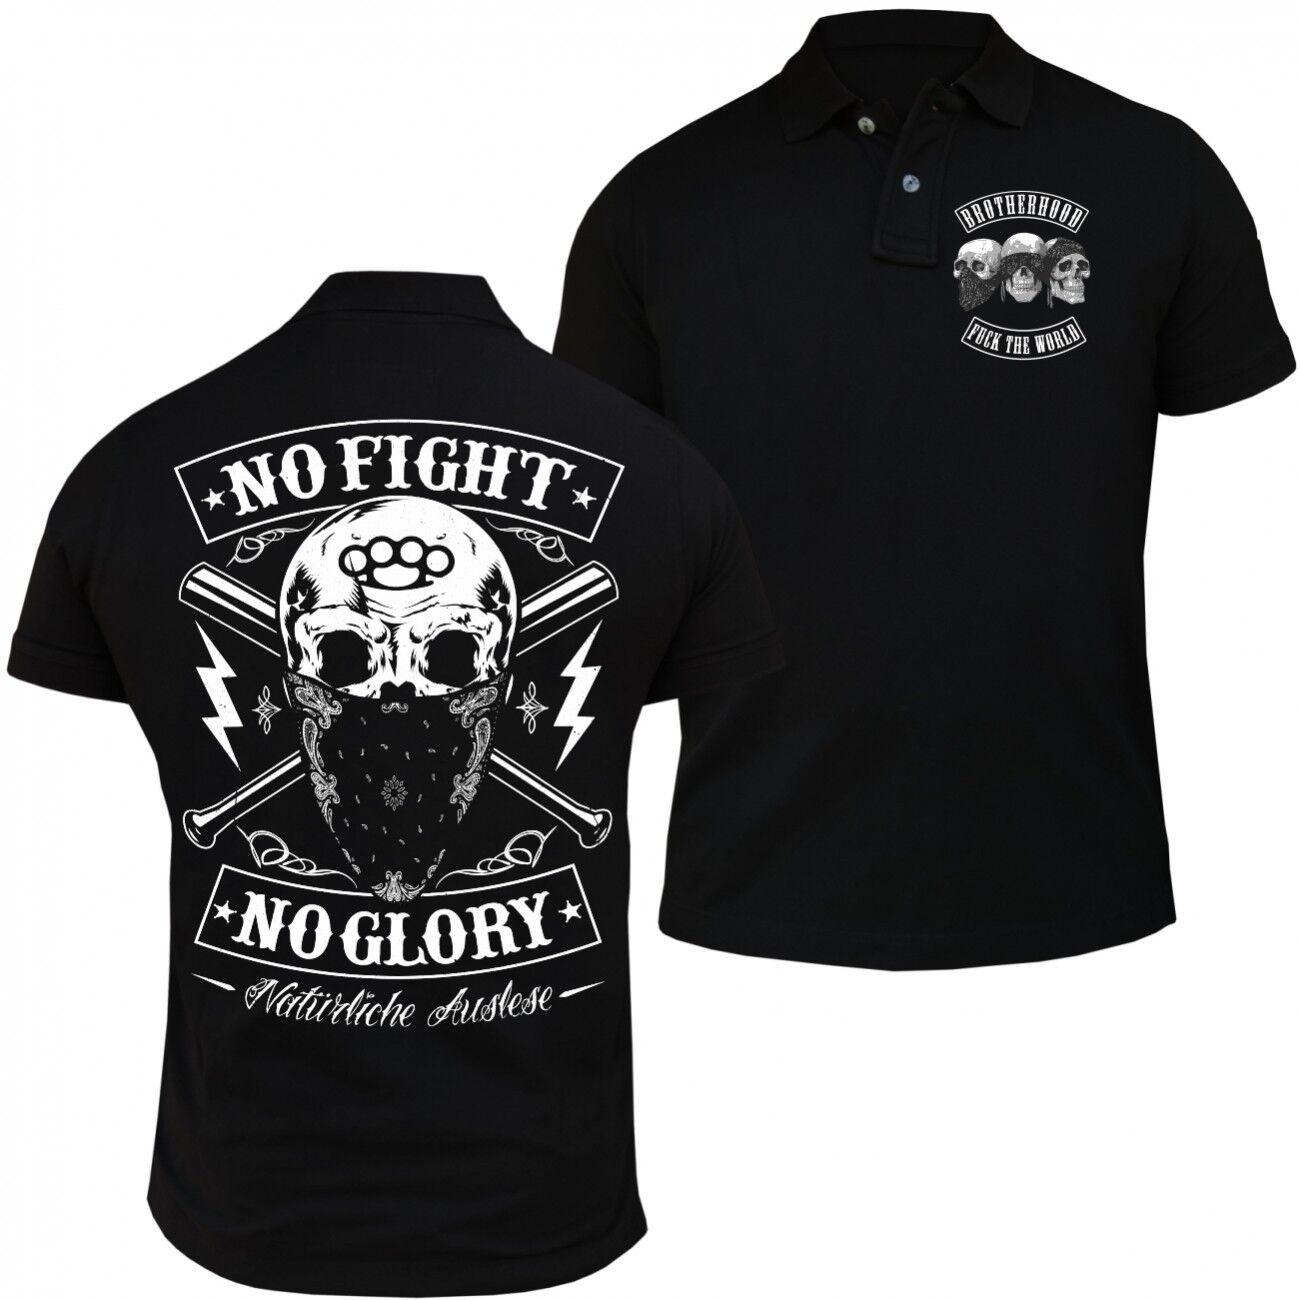 Poloshirt Natürliche Auslese Label No Fight Glory Schlagring Hardcore Label Oi  | Deutschland Berlin  | Neu  | Die Qualität Und Die Verbraucher Zunächst